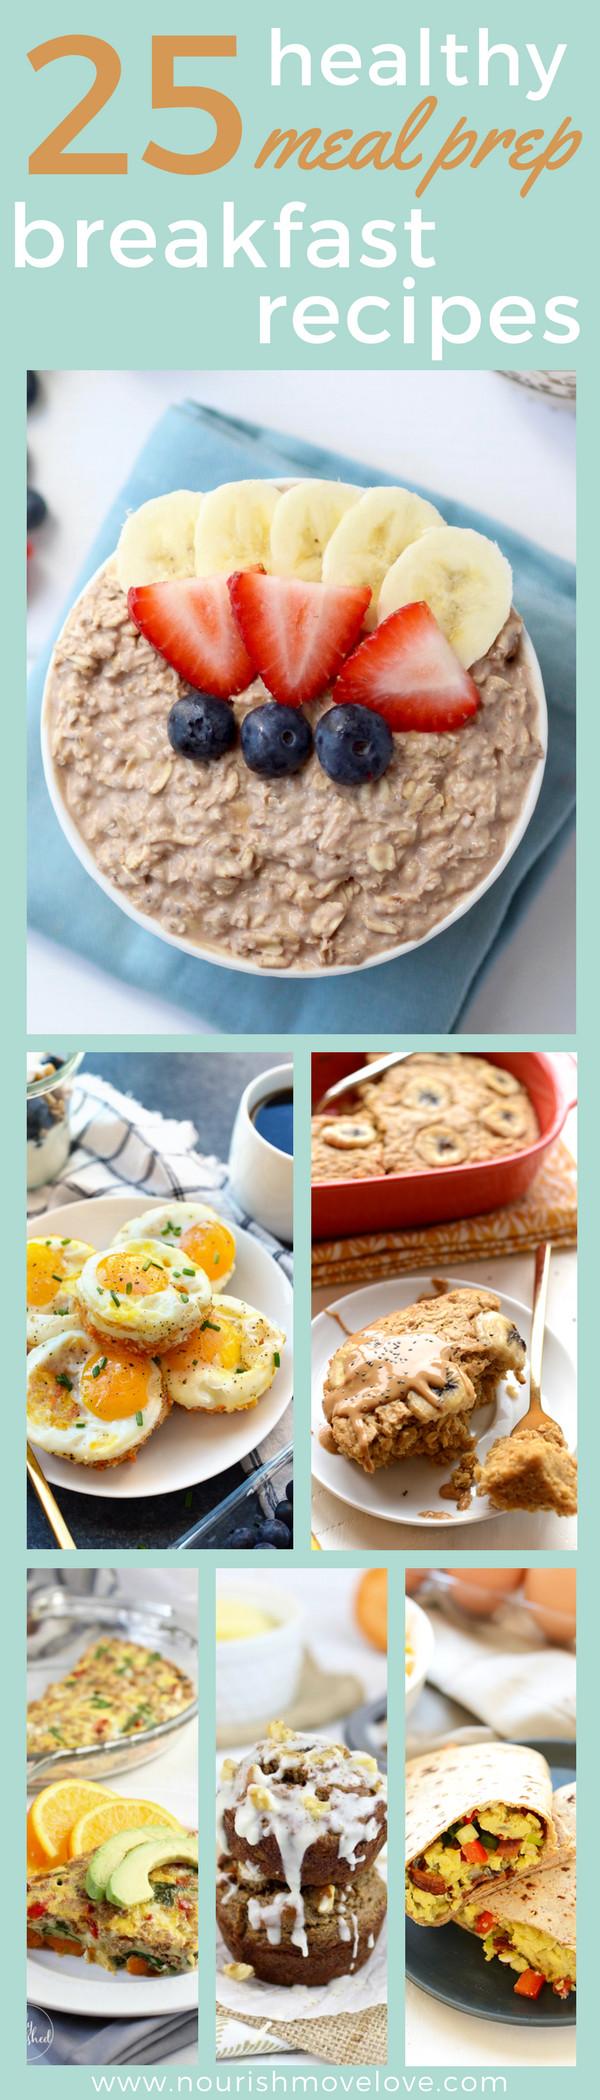 Healthy Meal Prep Breakfast  25 Healthy Meal Prep Breakfast Recipes